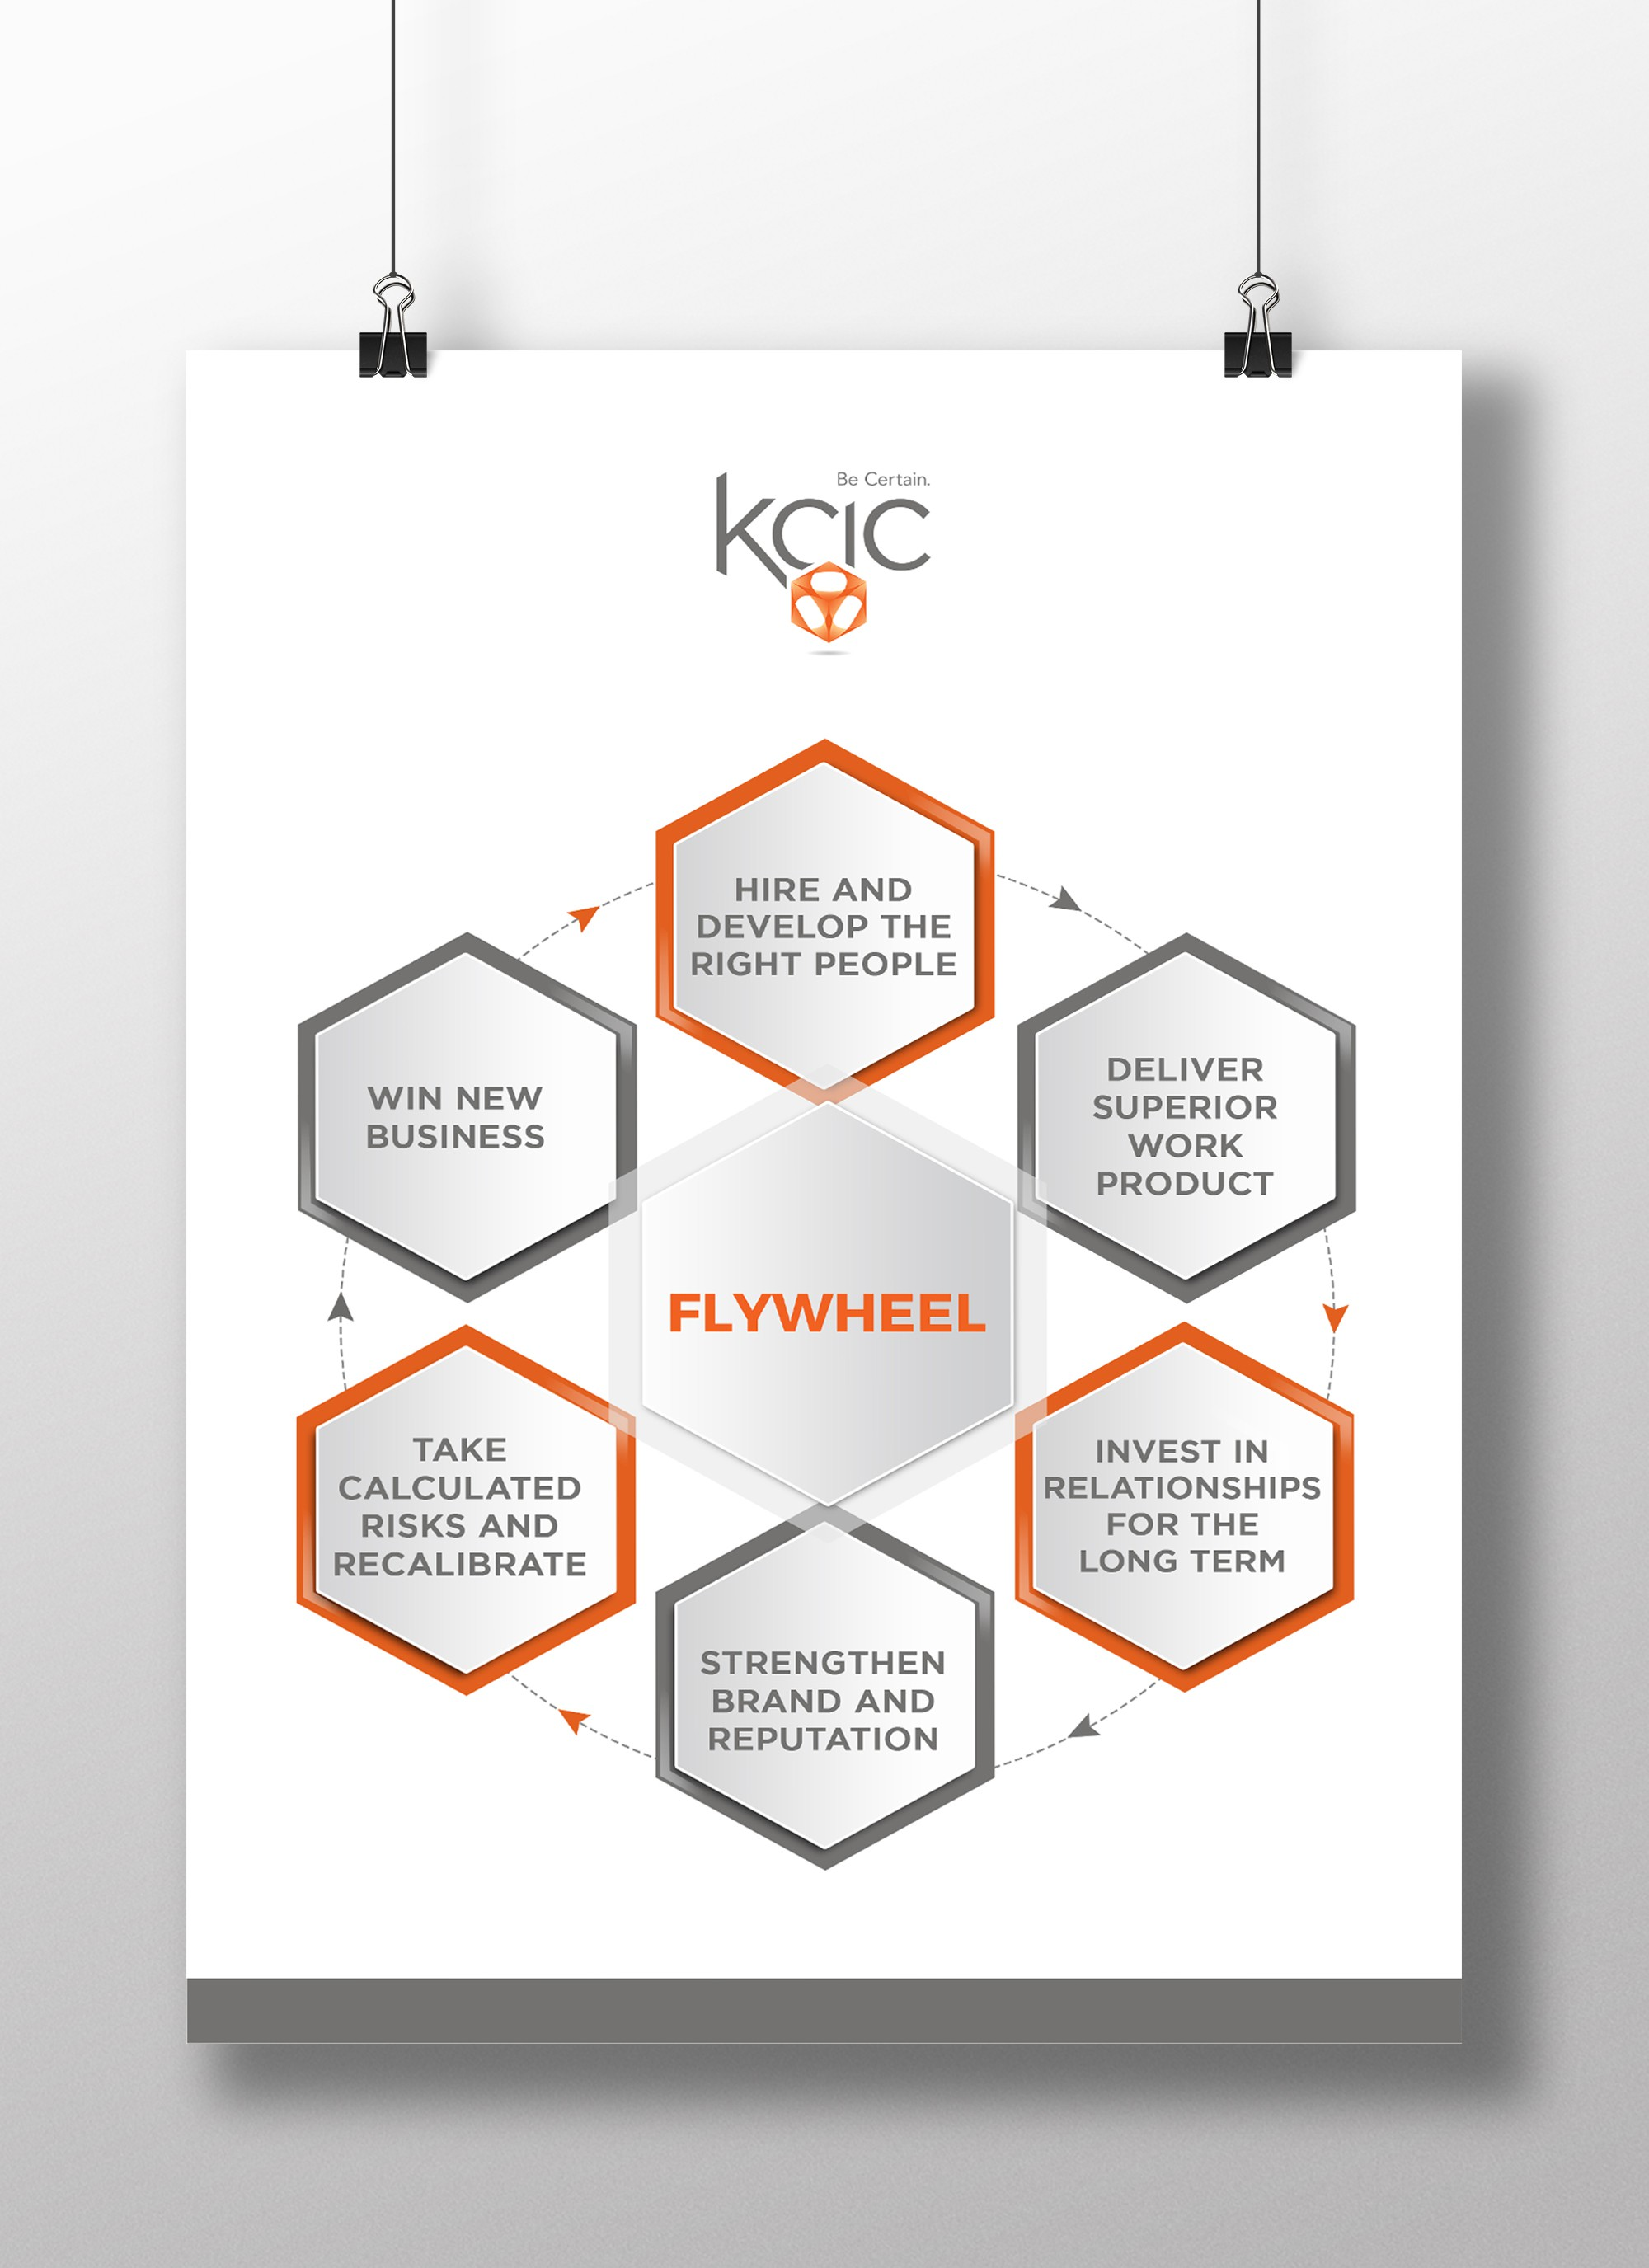 KCIC Flywheel